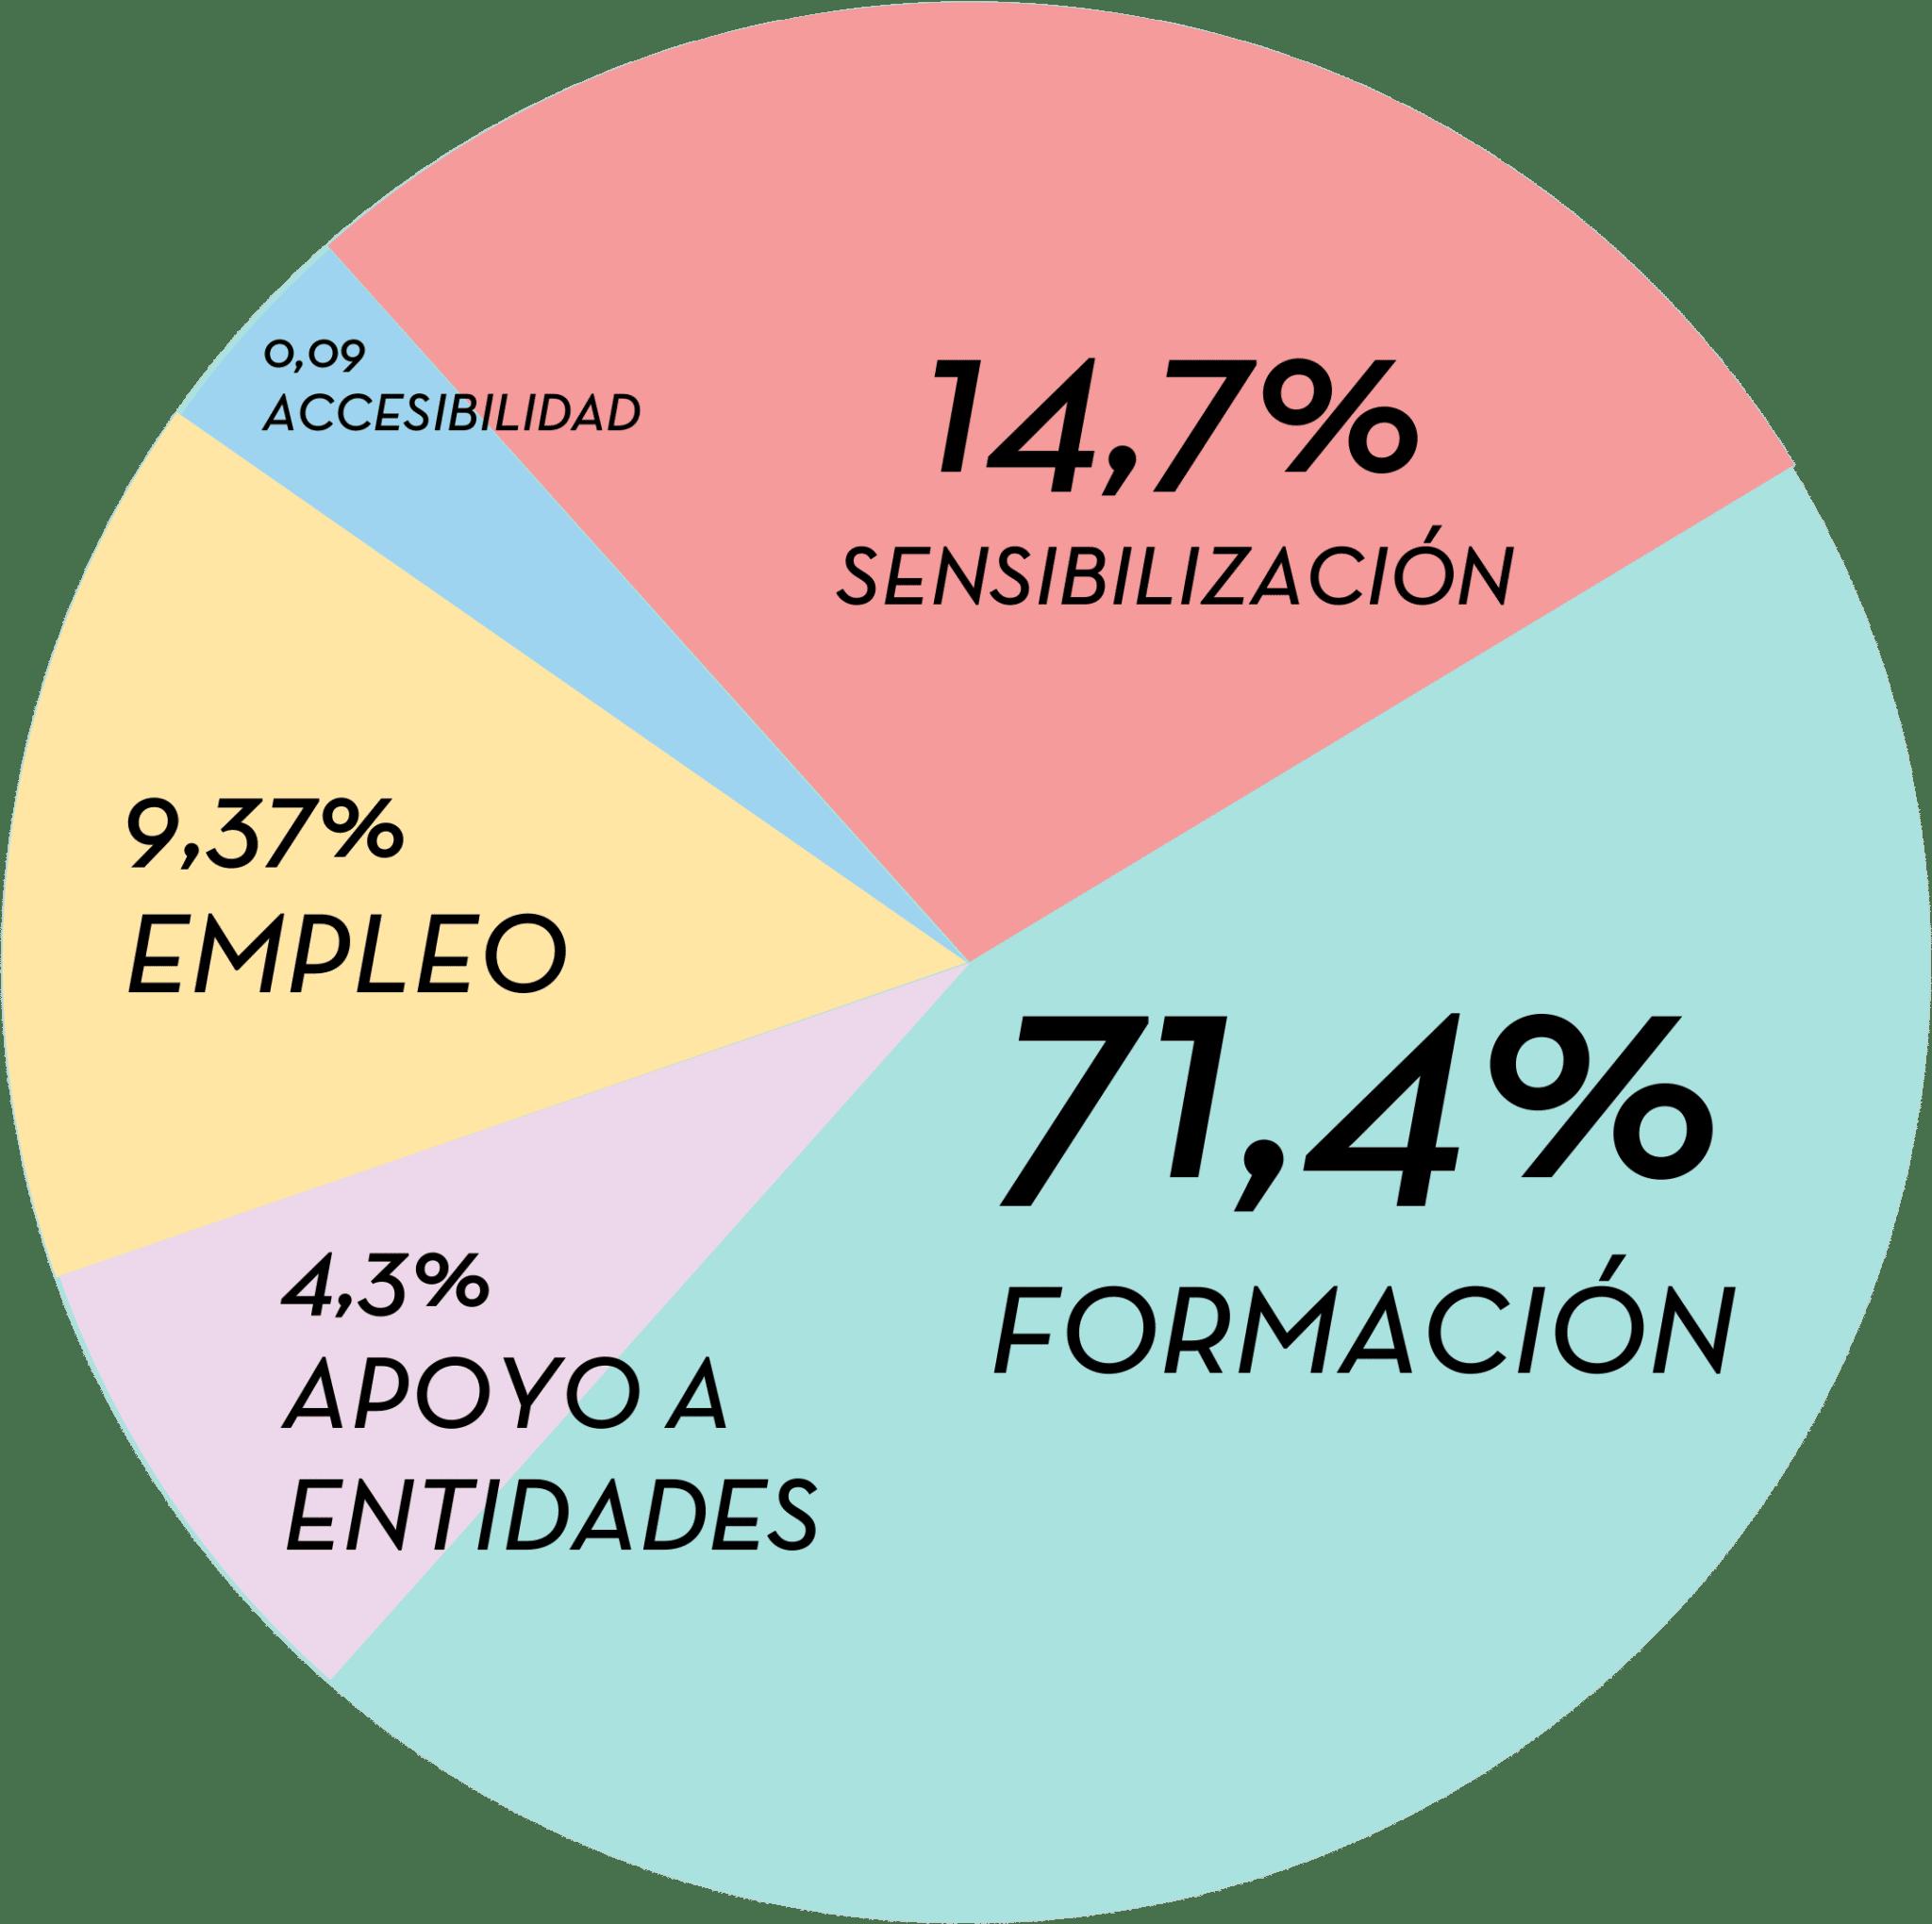 Desde el punto de vista de actividades, la inversión social se destino: 71,4% a formación, 14,7 a sensibilización, 9,37% a empleo, 4,3% a apoyo a otras entidades y un 0,09% a accesibilidad